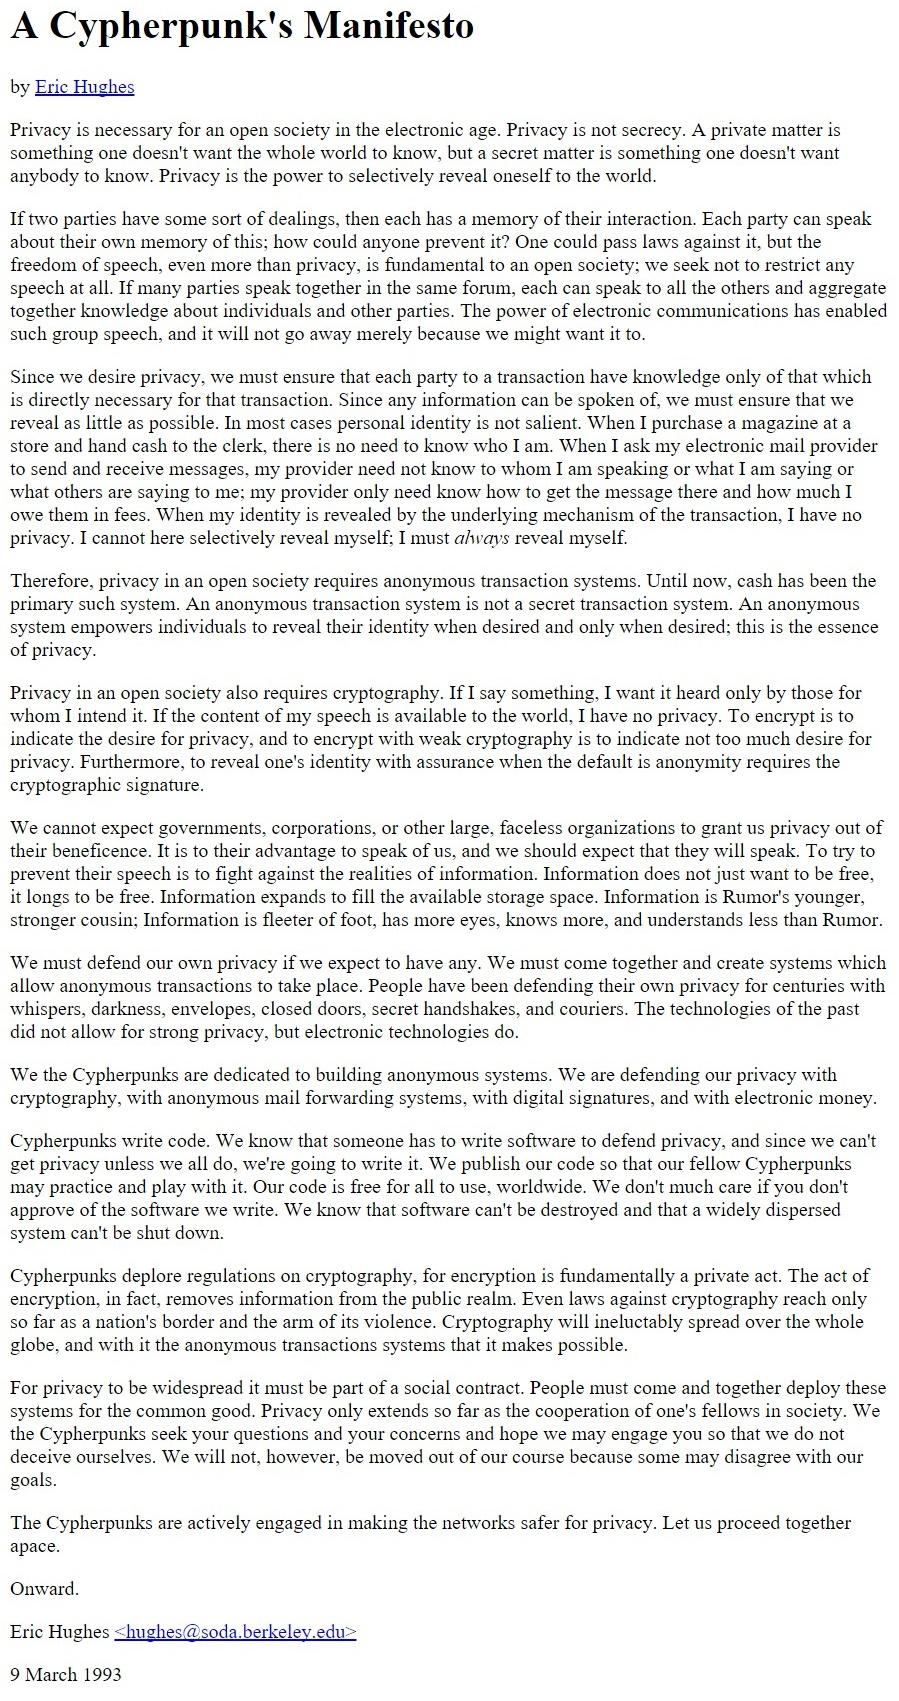 FireShot Capture 68 - A Cypherpunk's Manifesto - http___www.activism.net_cypherpunk_manifesto.html